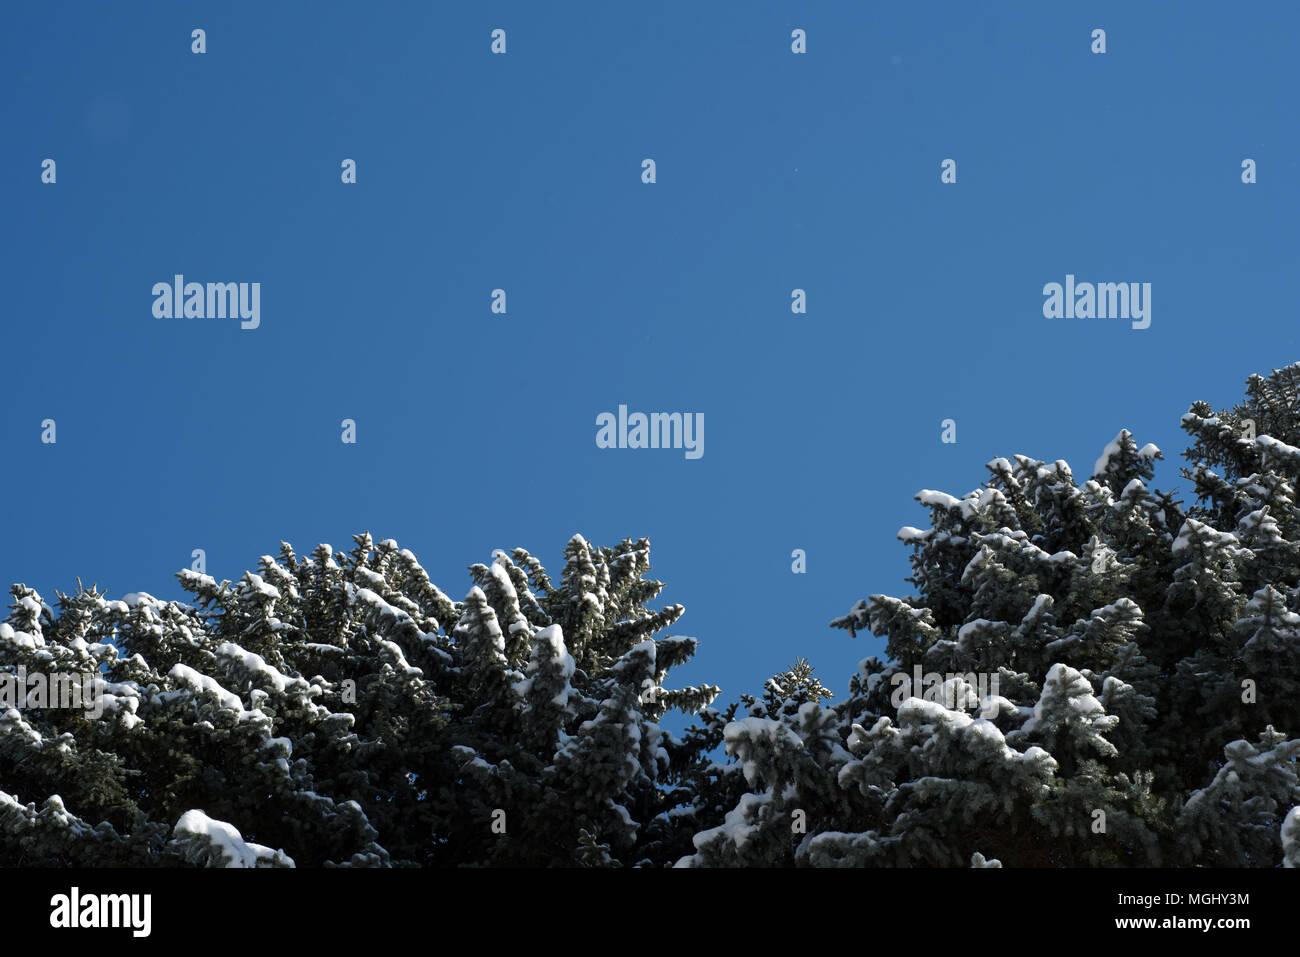 Invierno azul cielo sin nubes y un pino abeto con un copo de nieve invernal de luz sobre las ramas de este exuberante bosque siempreverde fauna Imagen De Stock